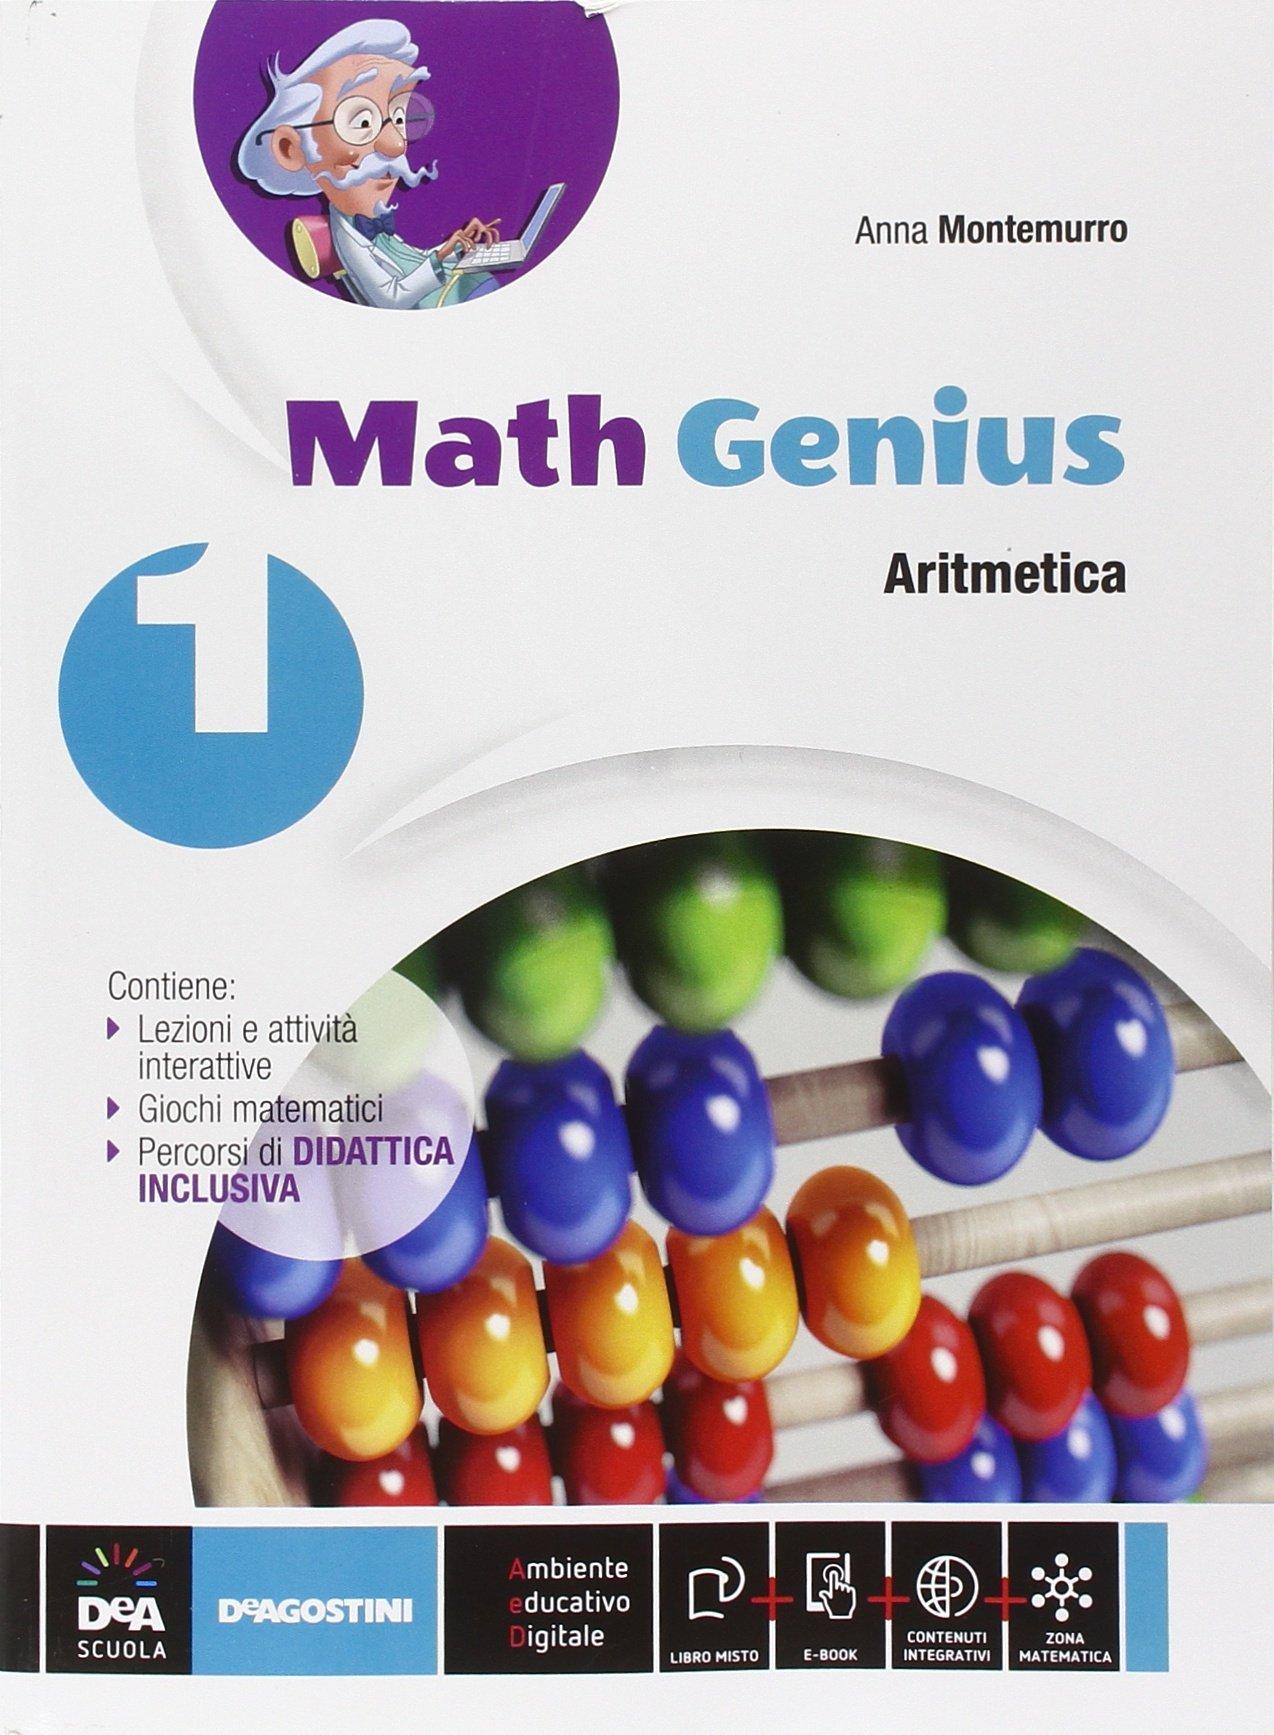 Math Genius Aritmetica + Geometria + Palestra delle competenze, libri di matematica per la scuola media